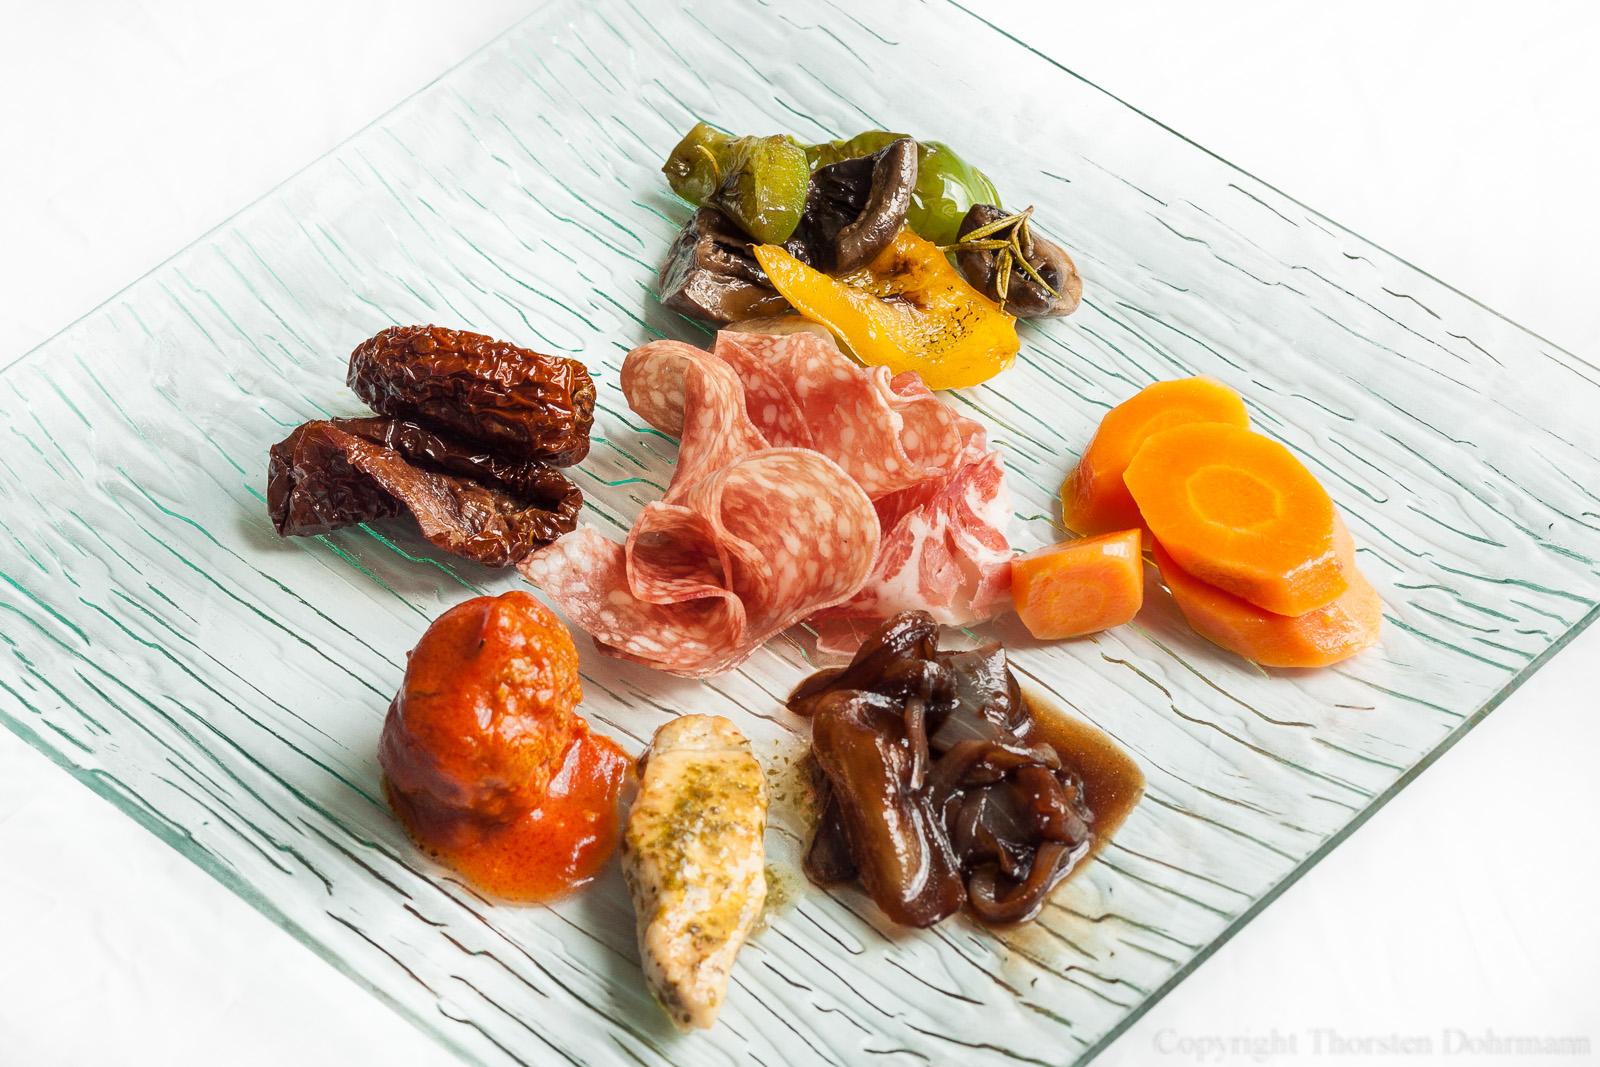 Gemischte Antipasti - im Uhrzeigersinn von oben: Gebratenes Gemüse in Olivenöl, glasierte Karotten mit Knoblauch, Balsamico-Zwiebeln, Schweinerücken in Limettensauce, Hackbällchen in Tomatensauce, getrocknete Tomaten